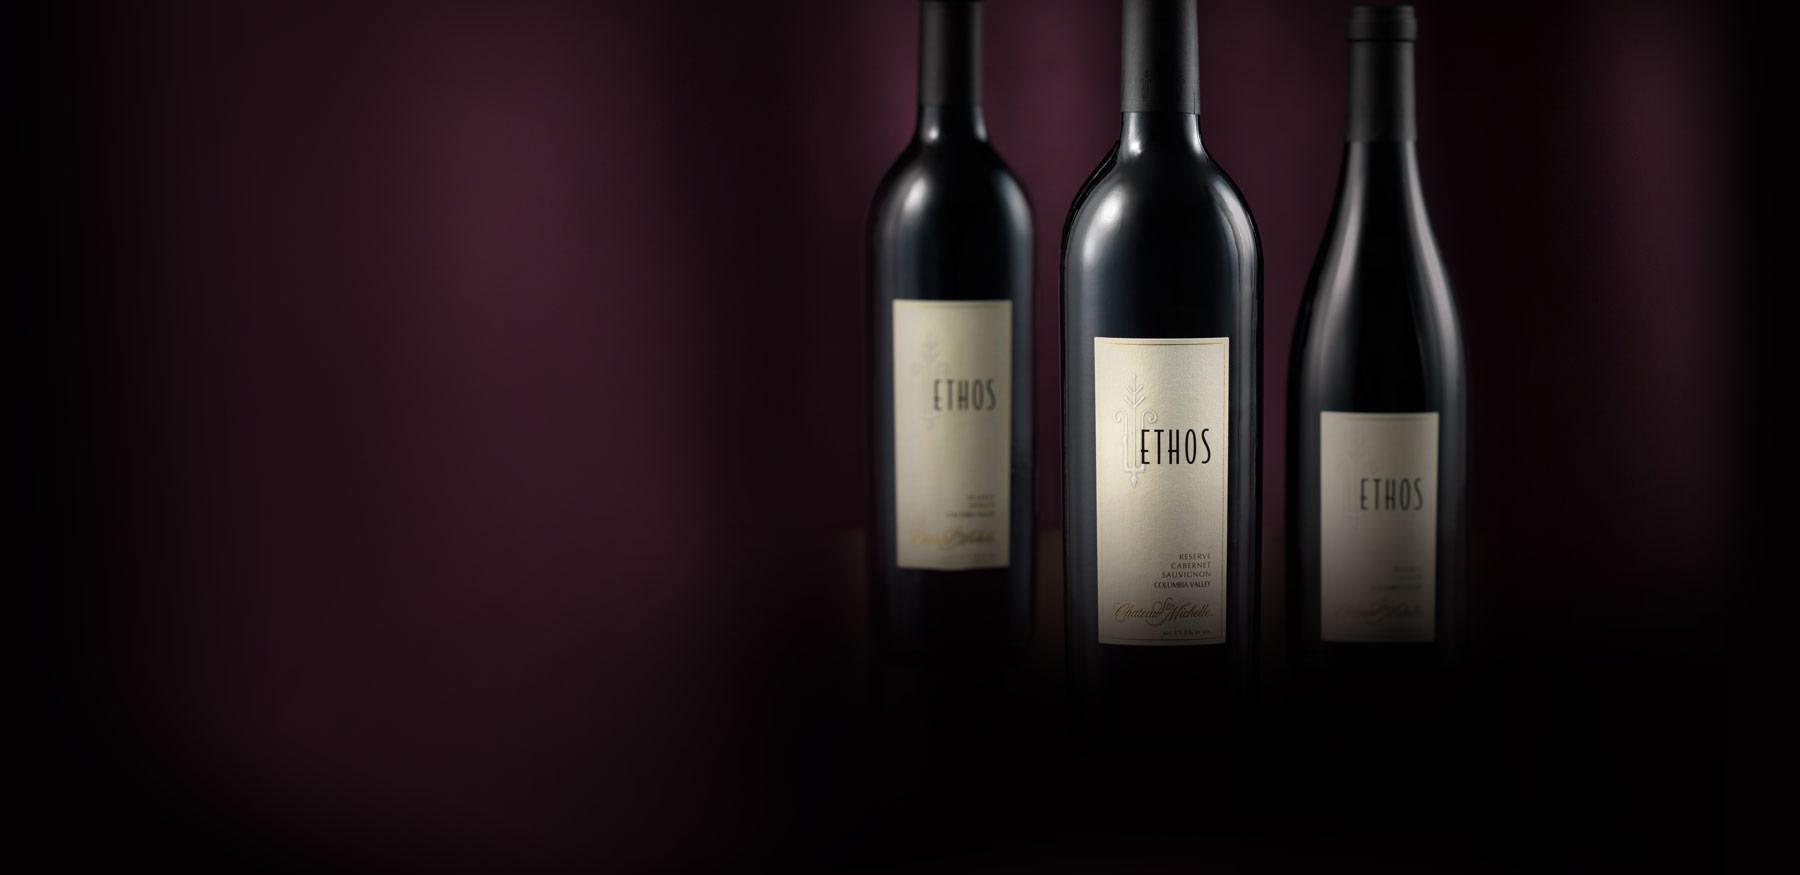 Ethos Wine Bottles